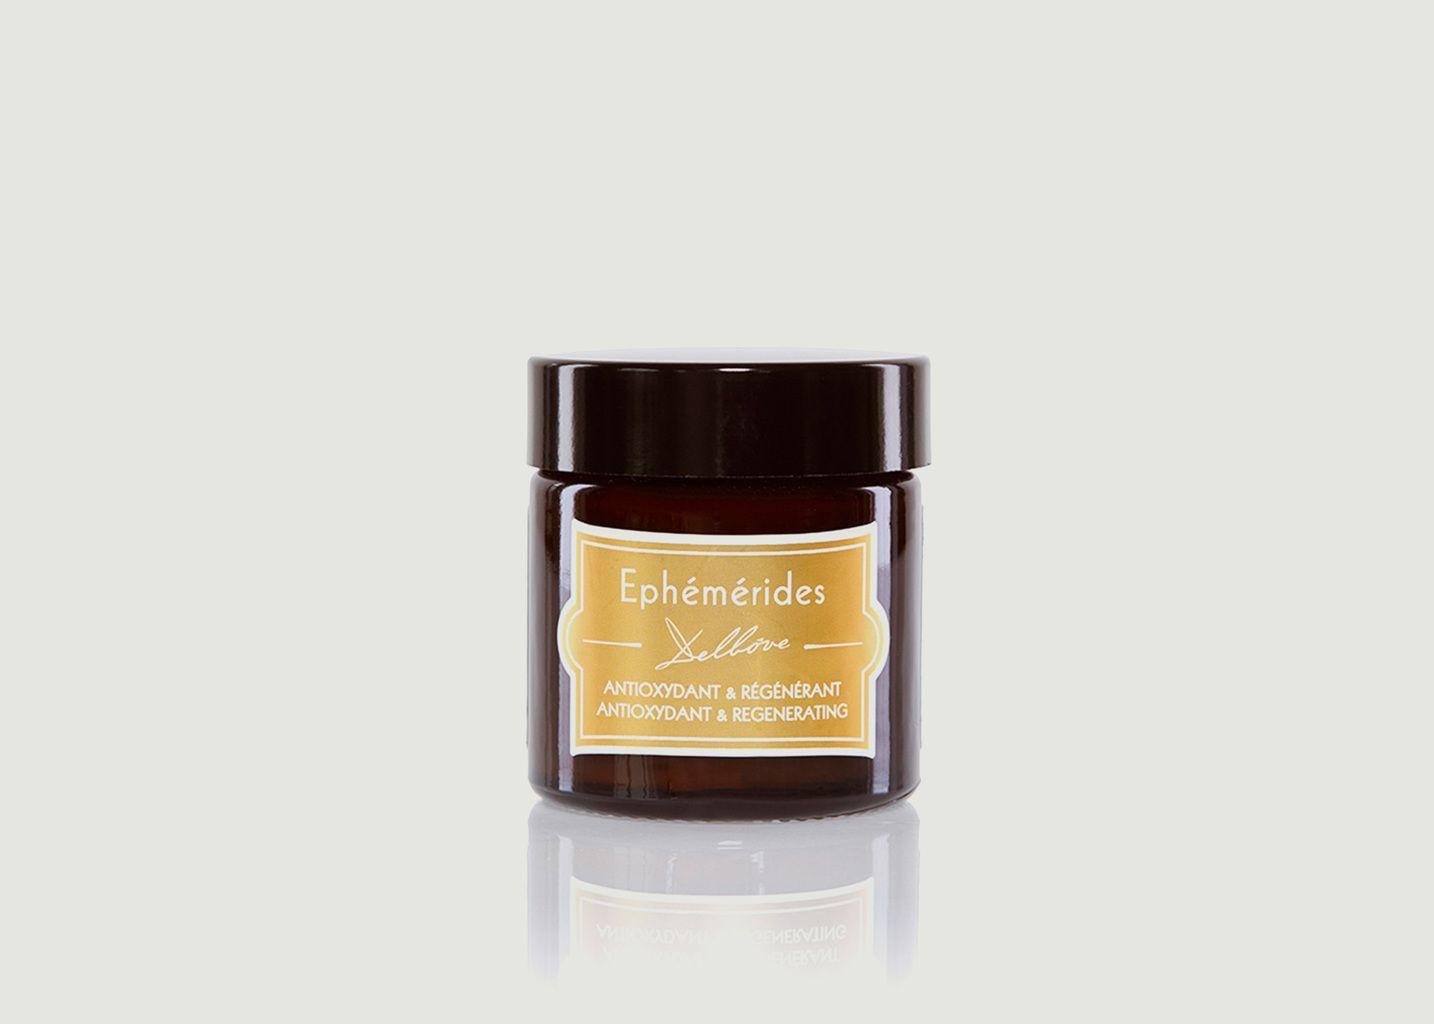 Crème de soin Éphémérides 50 ml - Delbôve